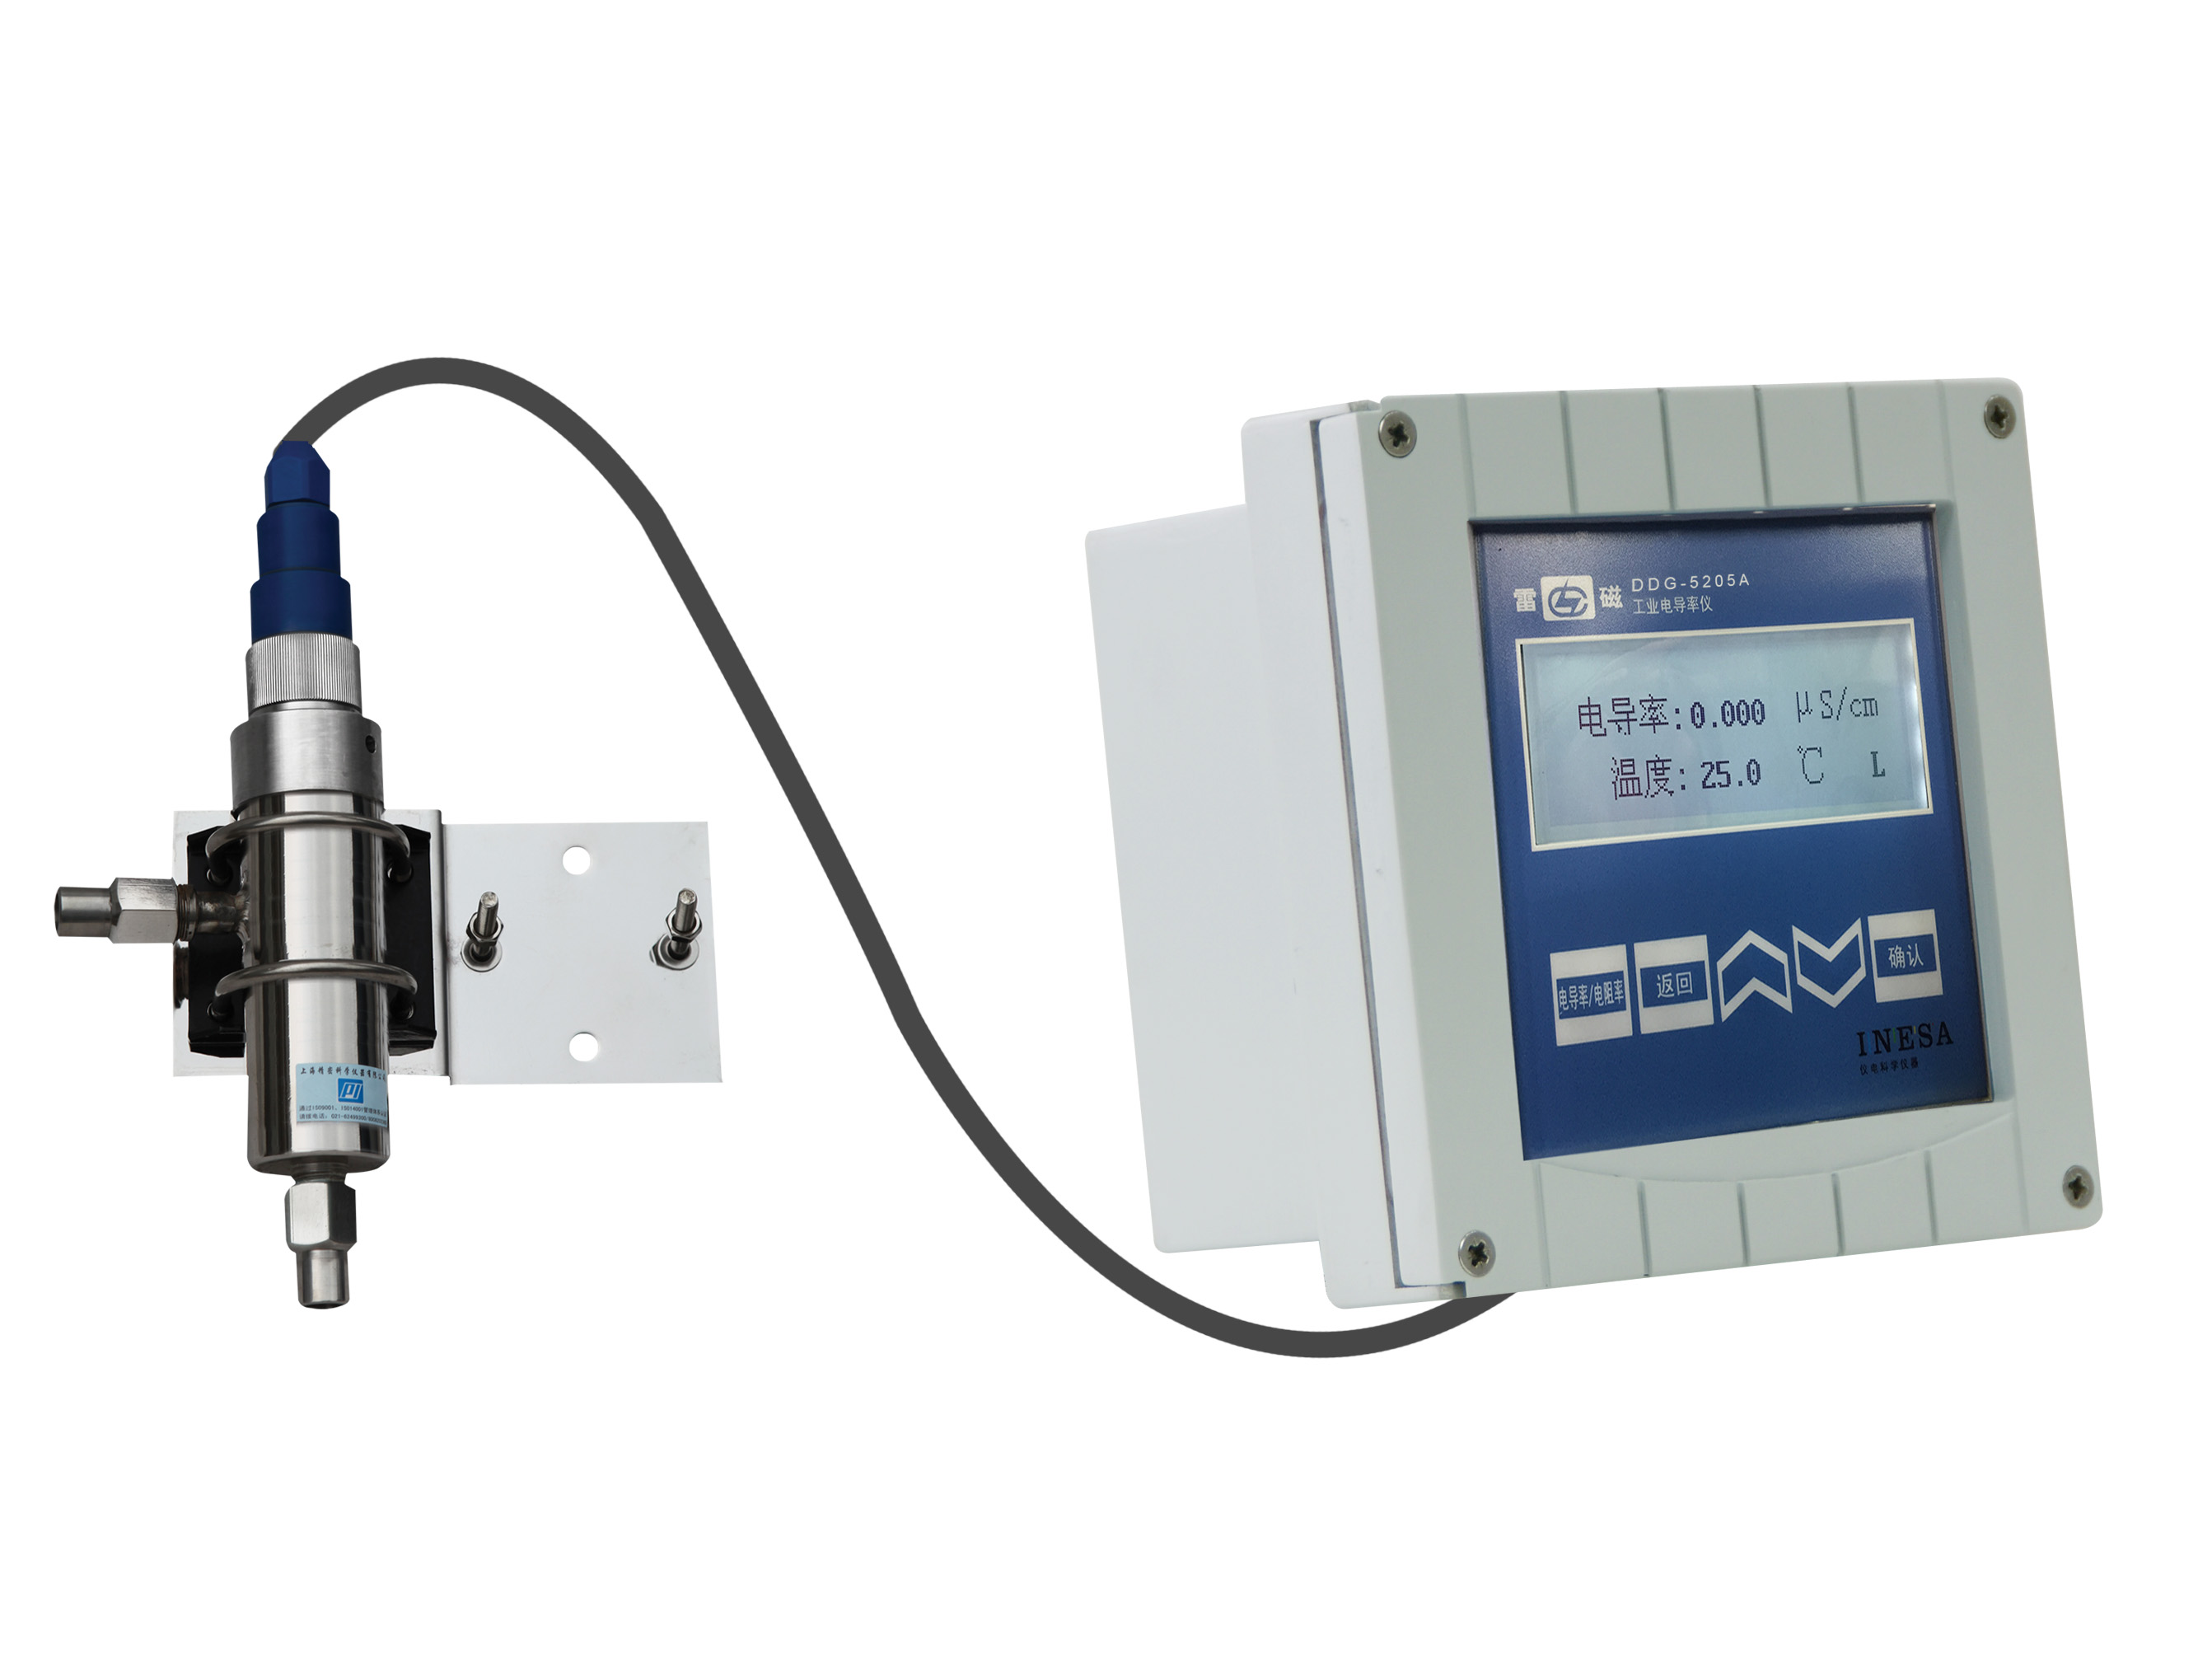 雷磁工业电导率DDG-5205A型